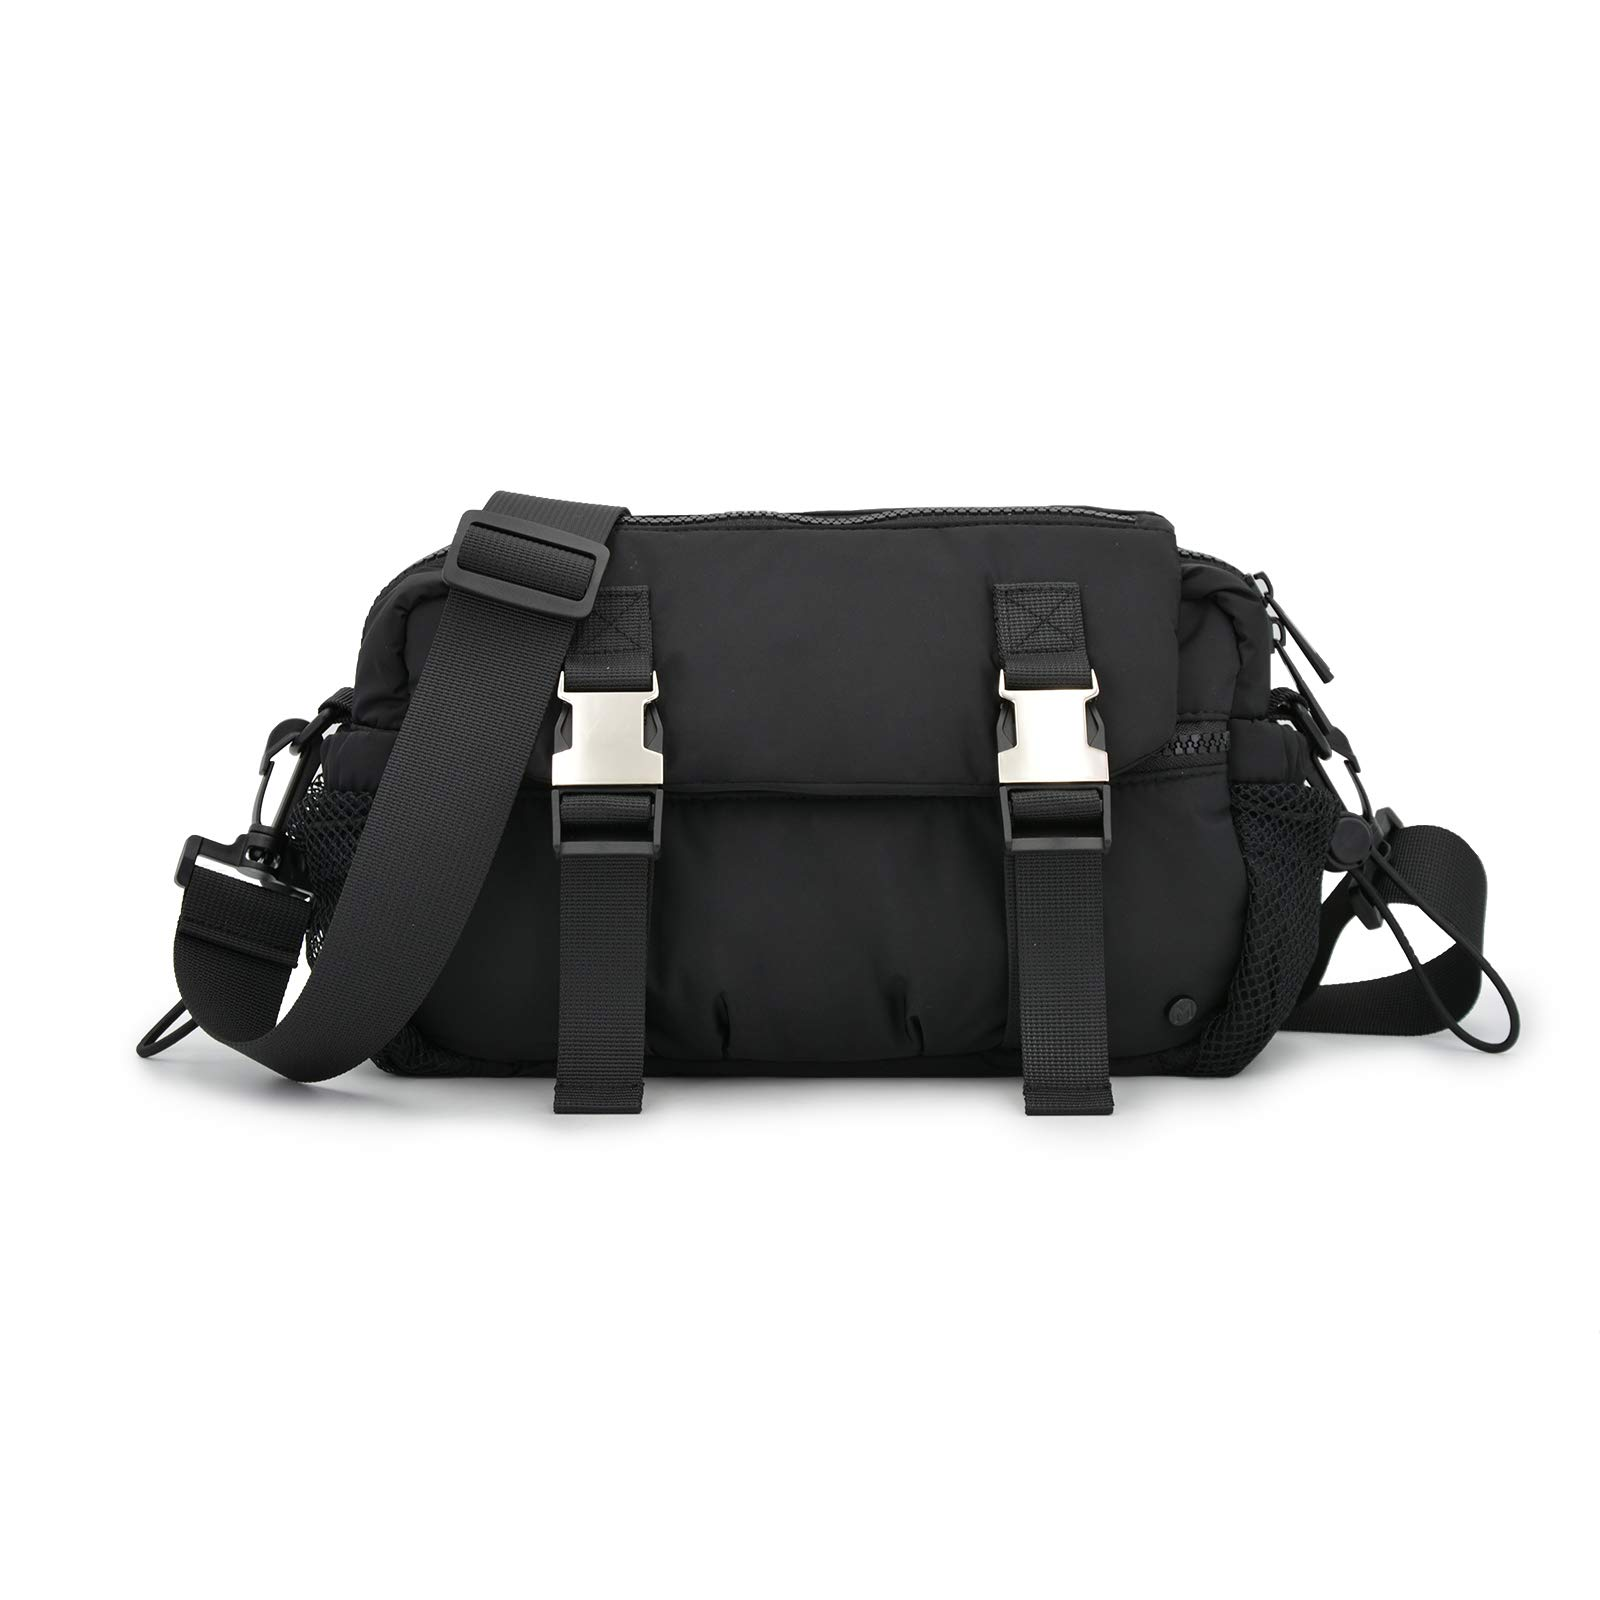 Classic Small Crossbody Bags Women Handbag 4.5L Tote Bags Shoulder Handbag with